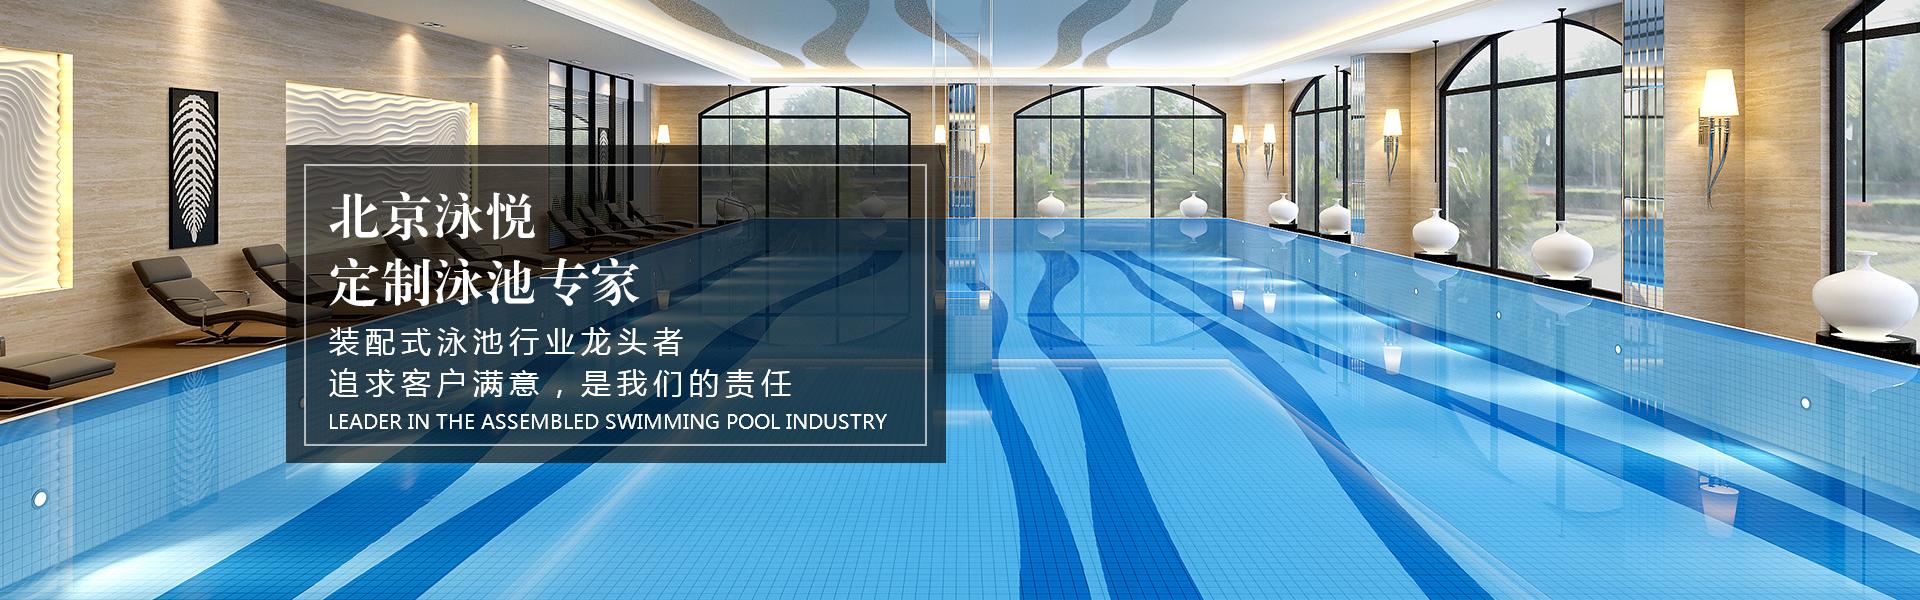 儿童游泳池、健身游泳池、民宿游泳池、酒店游泳池、室内游泳池、恒温游泳池、钢结构游泳池、装配式游泳池